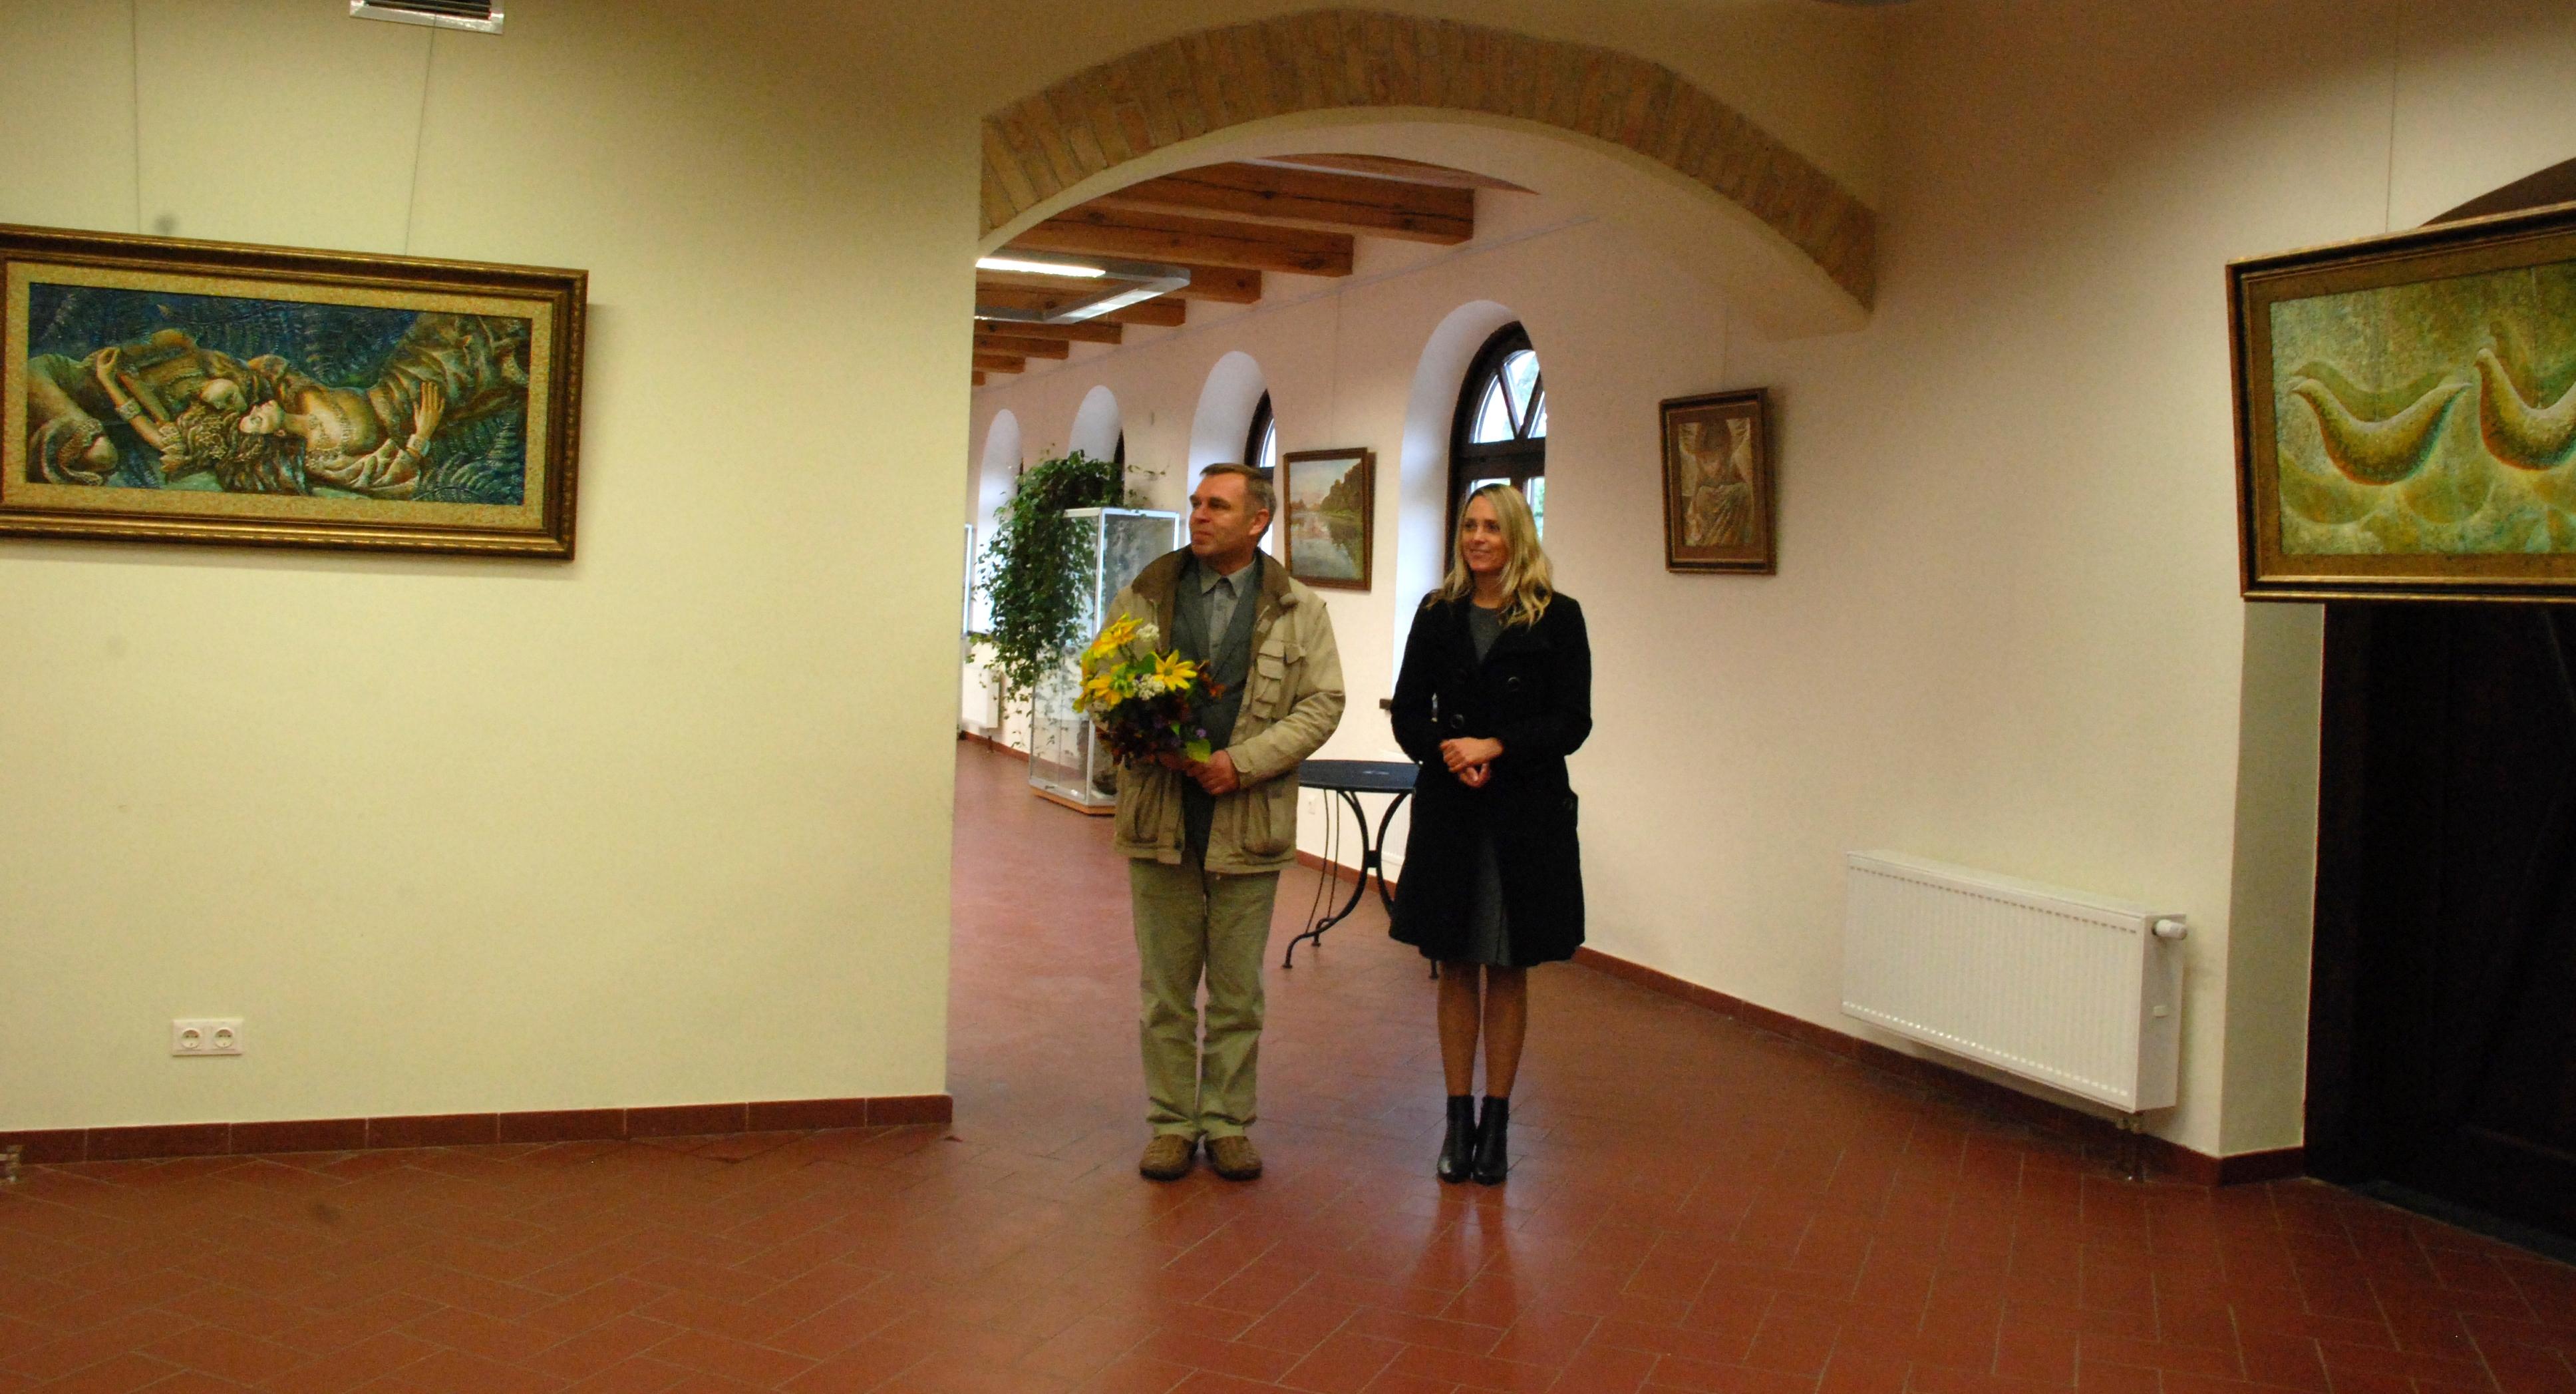 Eurikos Urbonaviciutes tapybos paroda 2012 m (3)